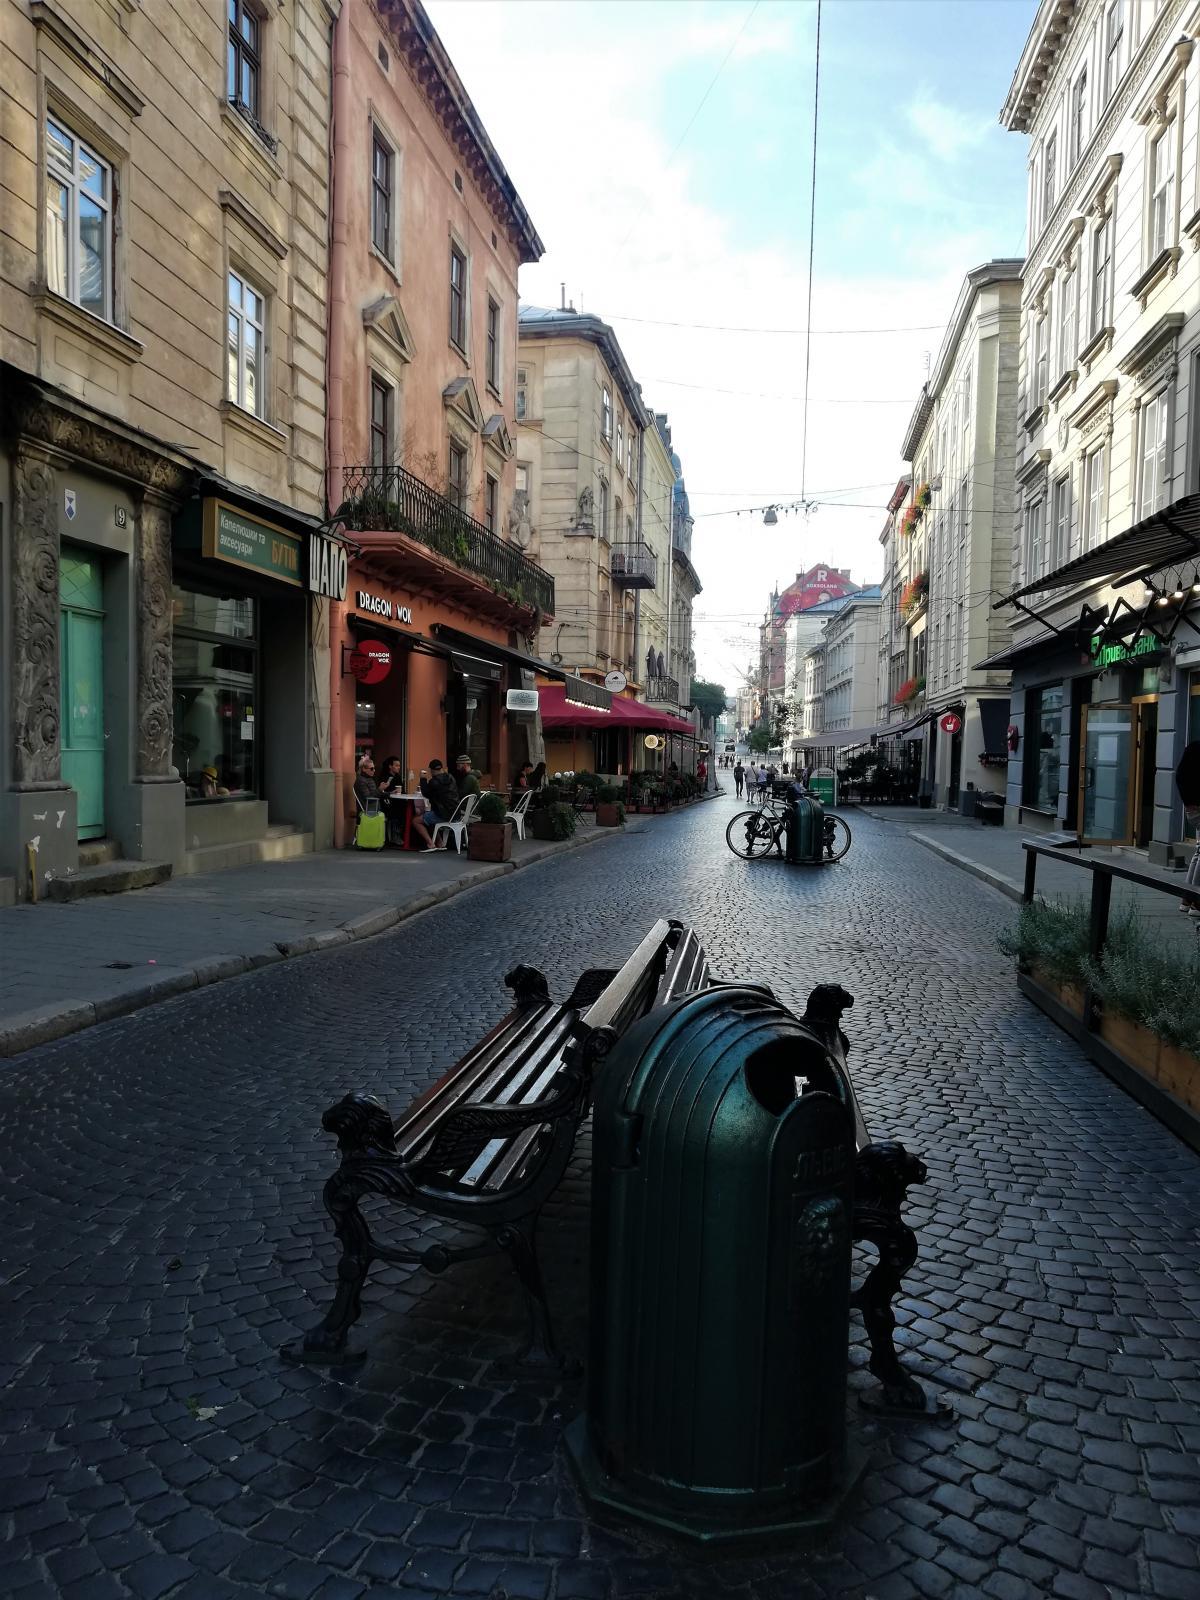 Година літаком - і ви вже гуляєте цими вуличками / фото Марина Григоренко